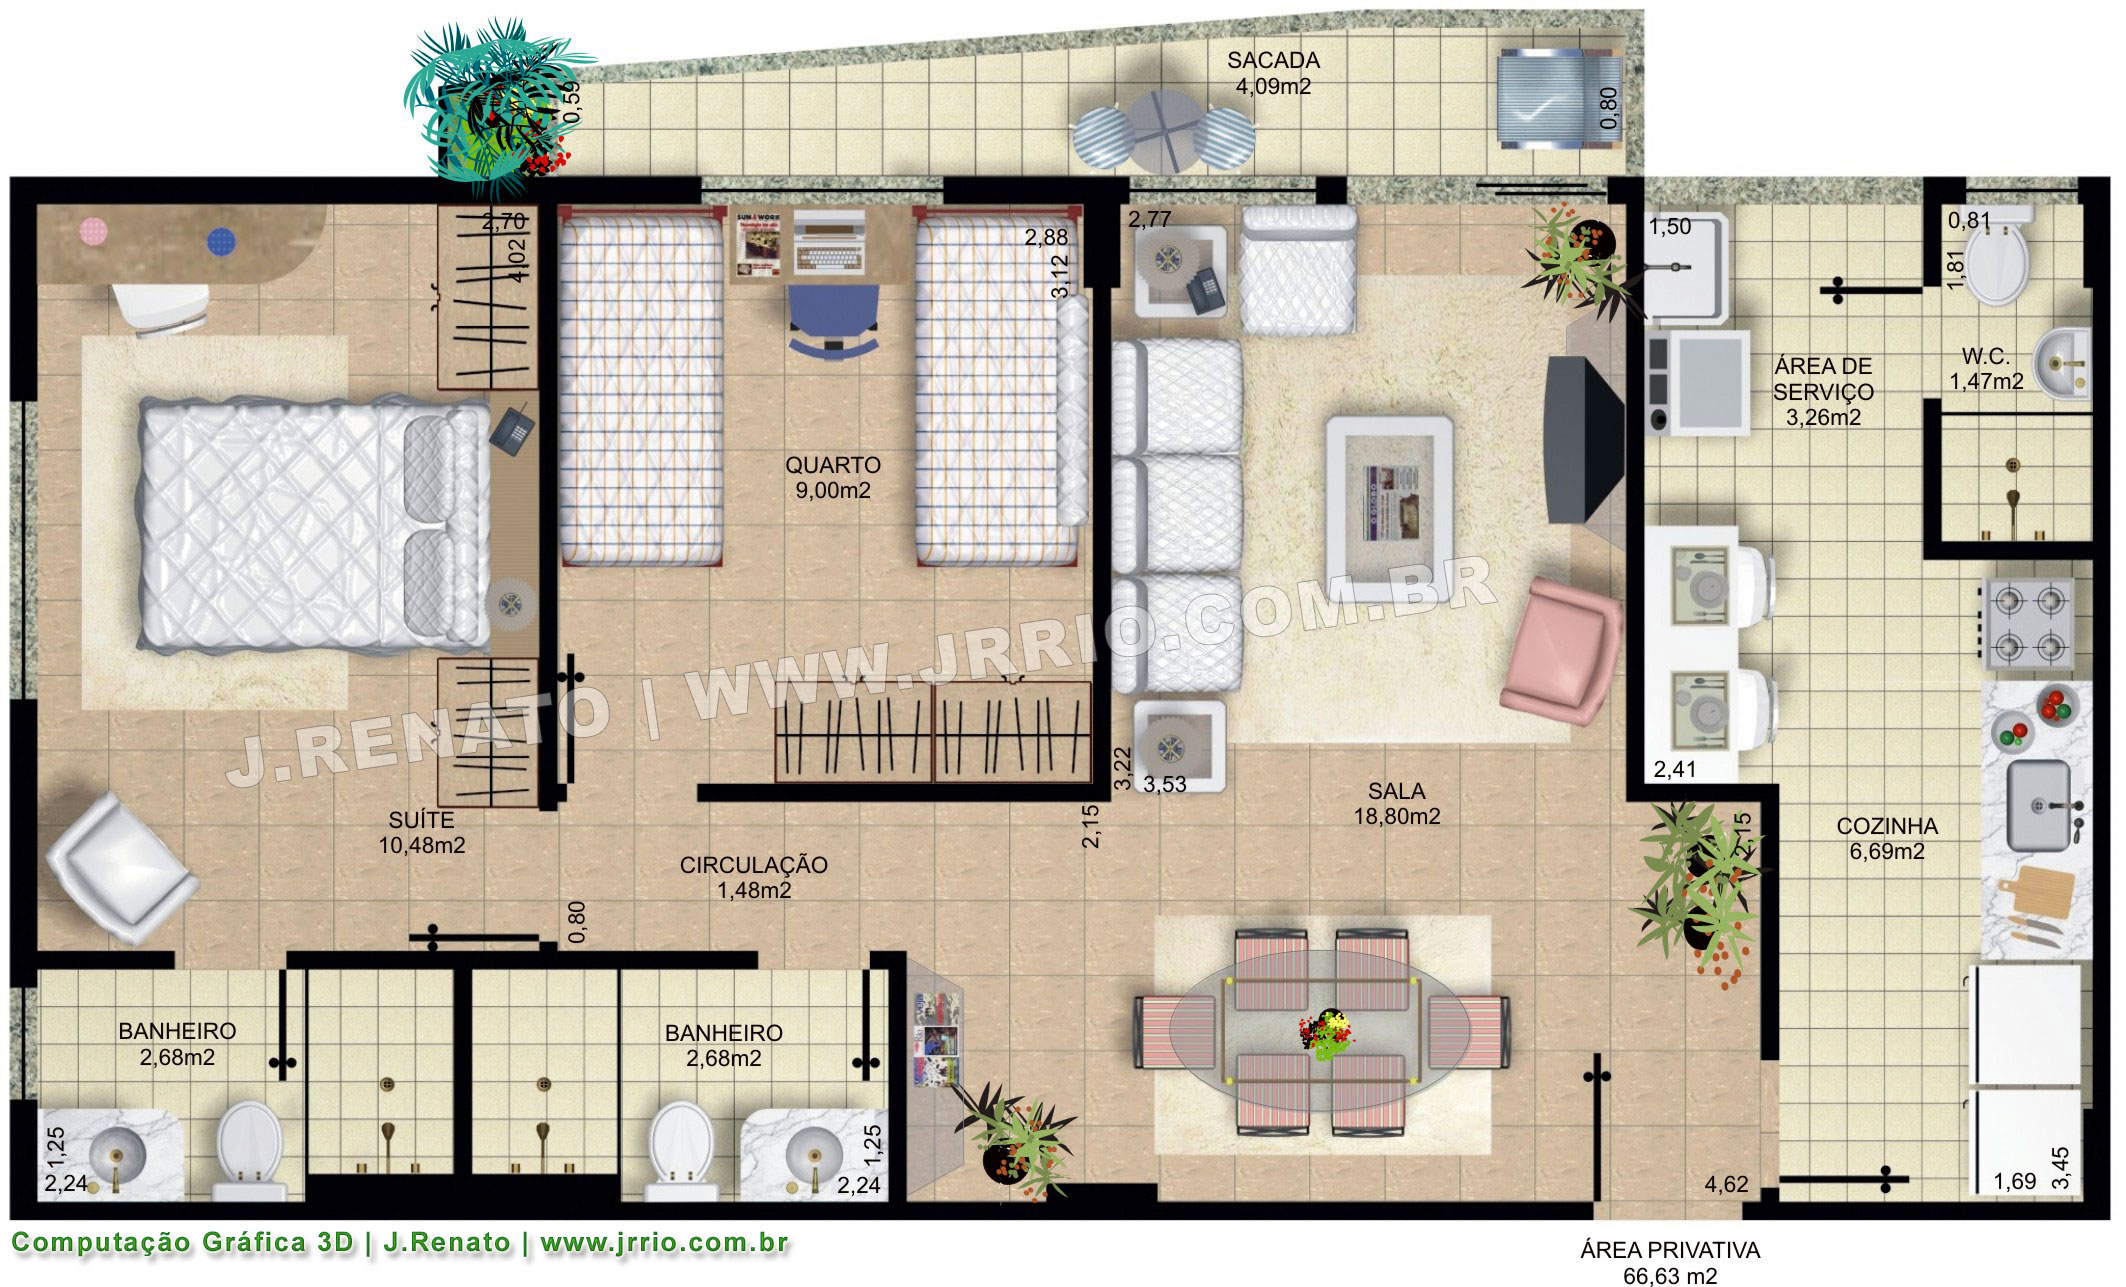 Plantas Fotorealísticas de Apartamentos Mobiliados #3D737A 2126 1287